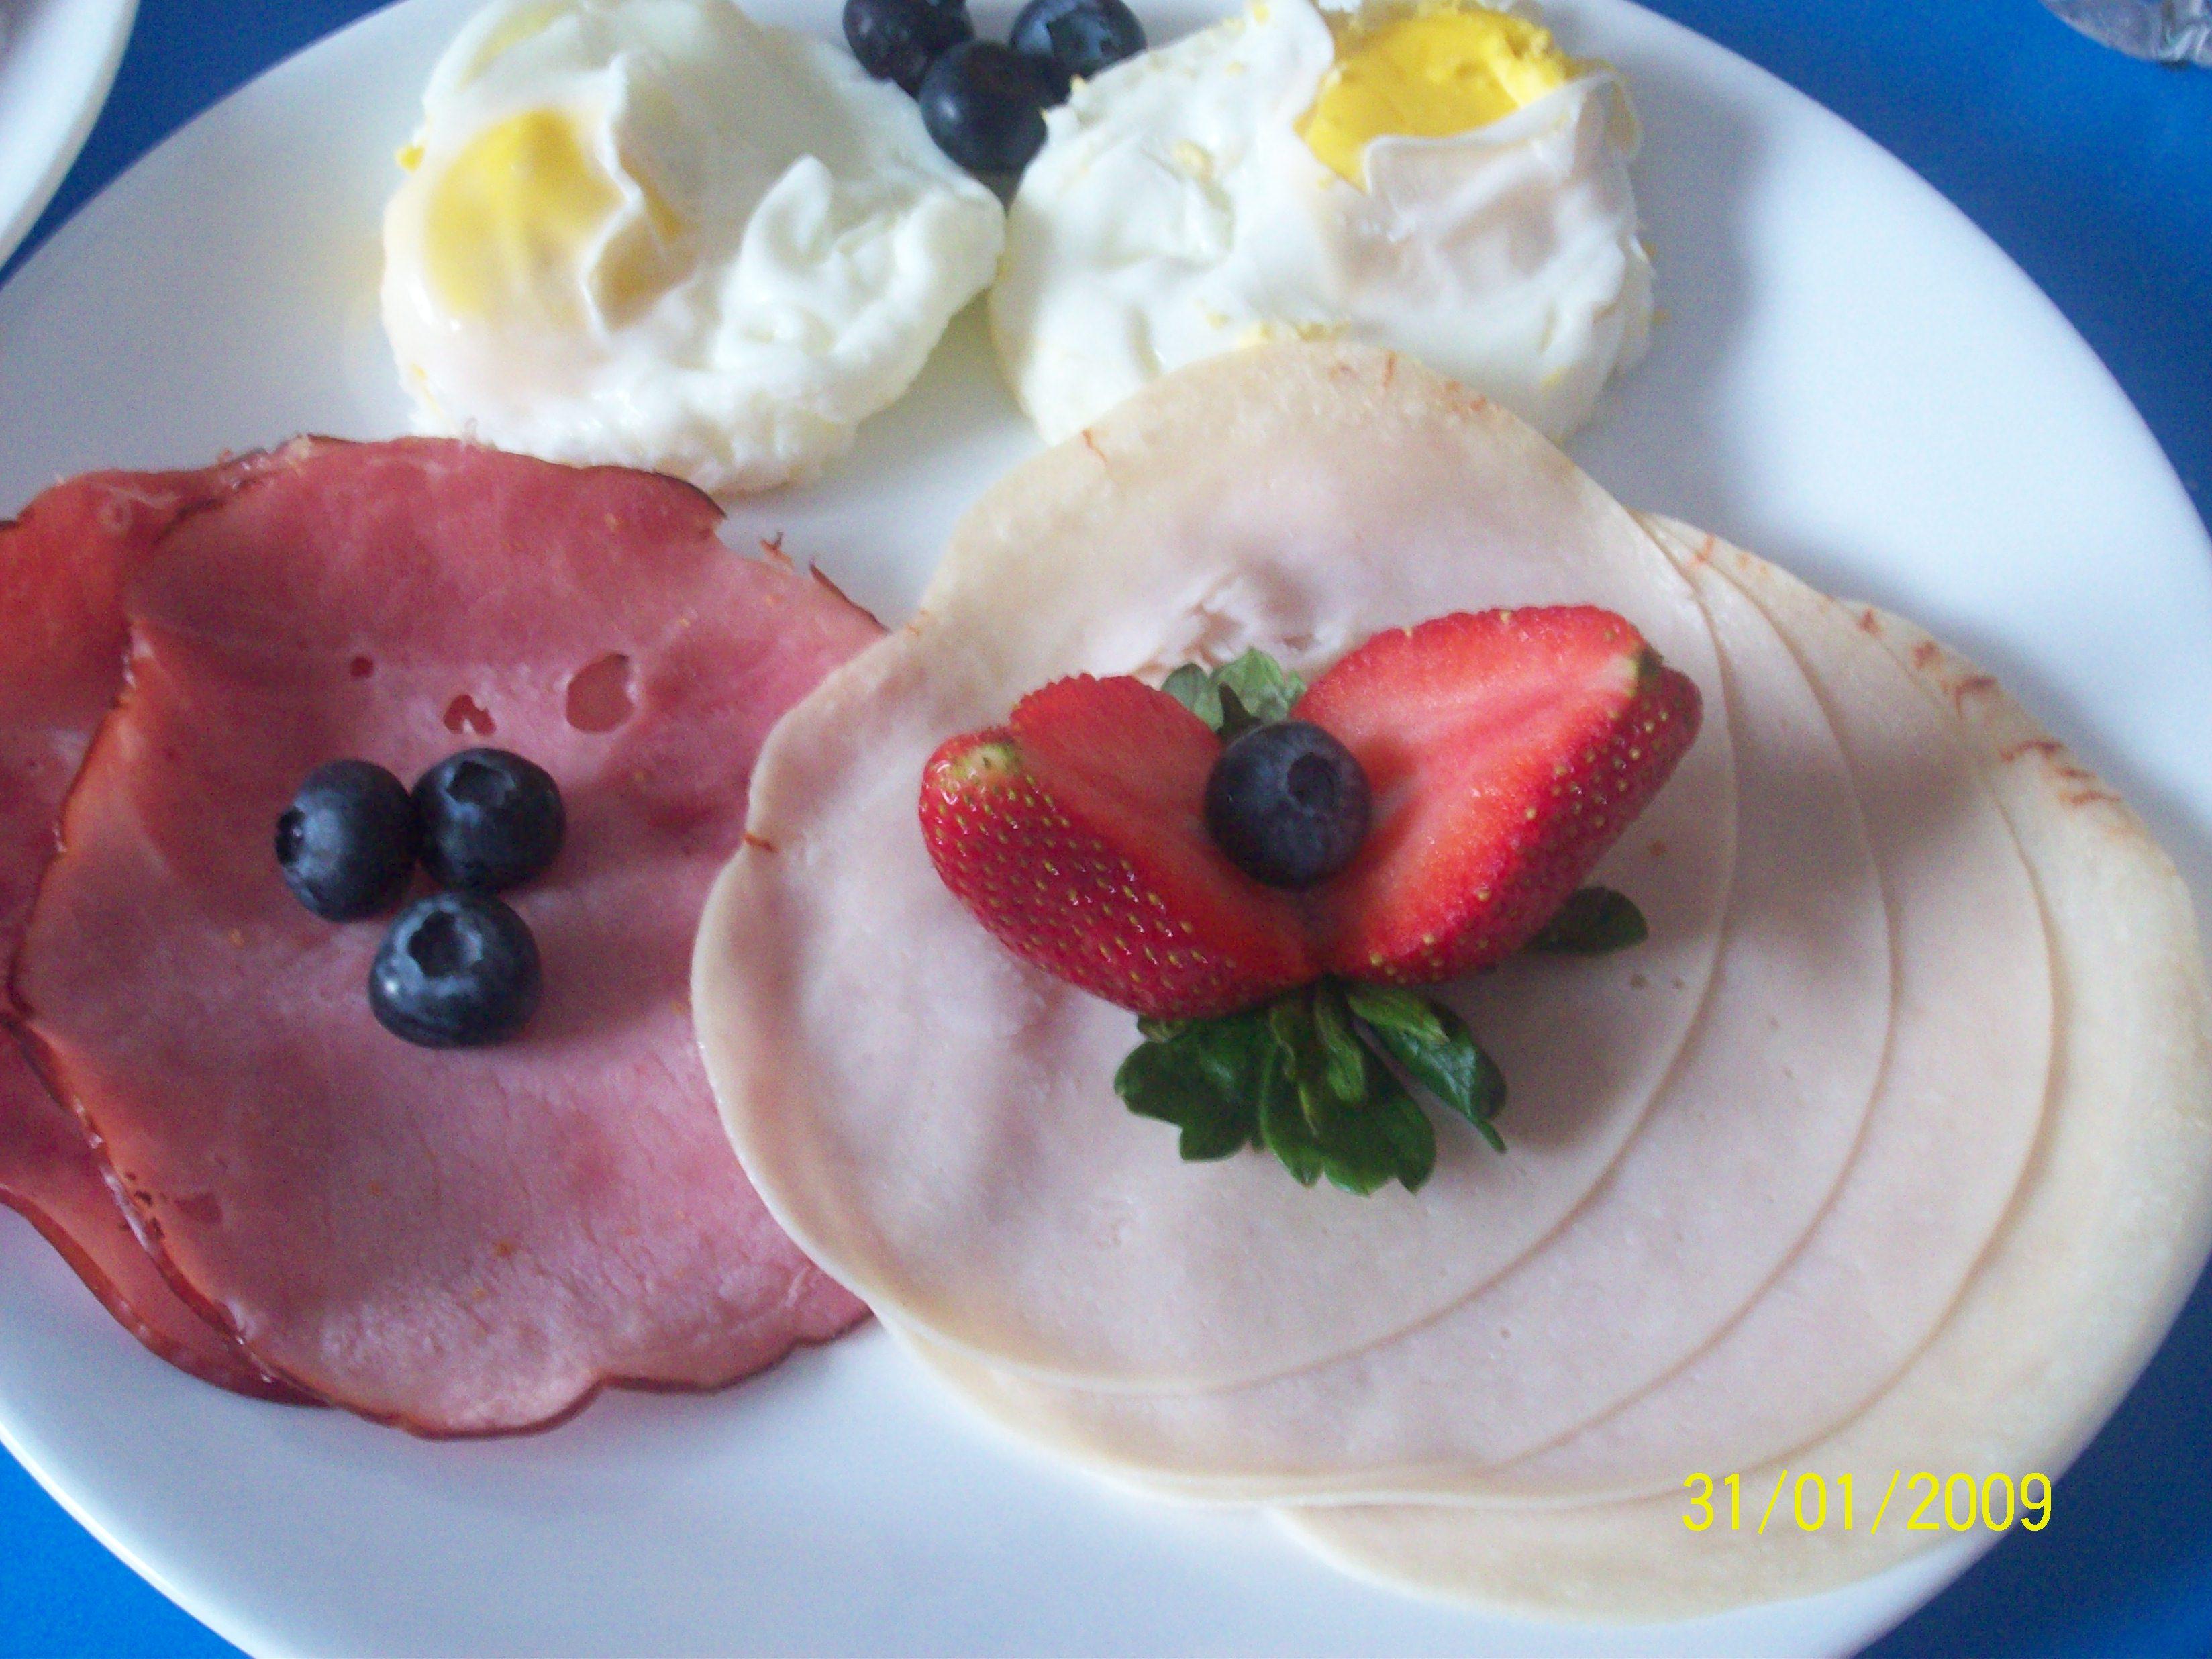 https://foodloader.net/cutie_2009-01-31_Breakfast.jpg